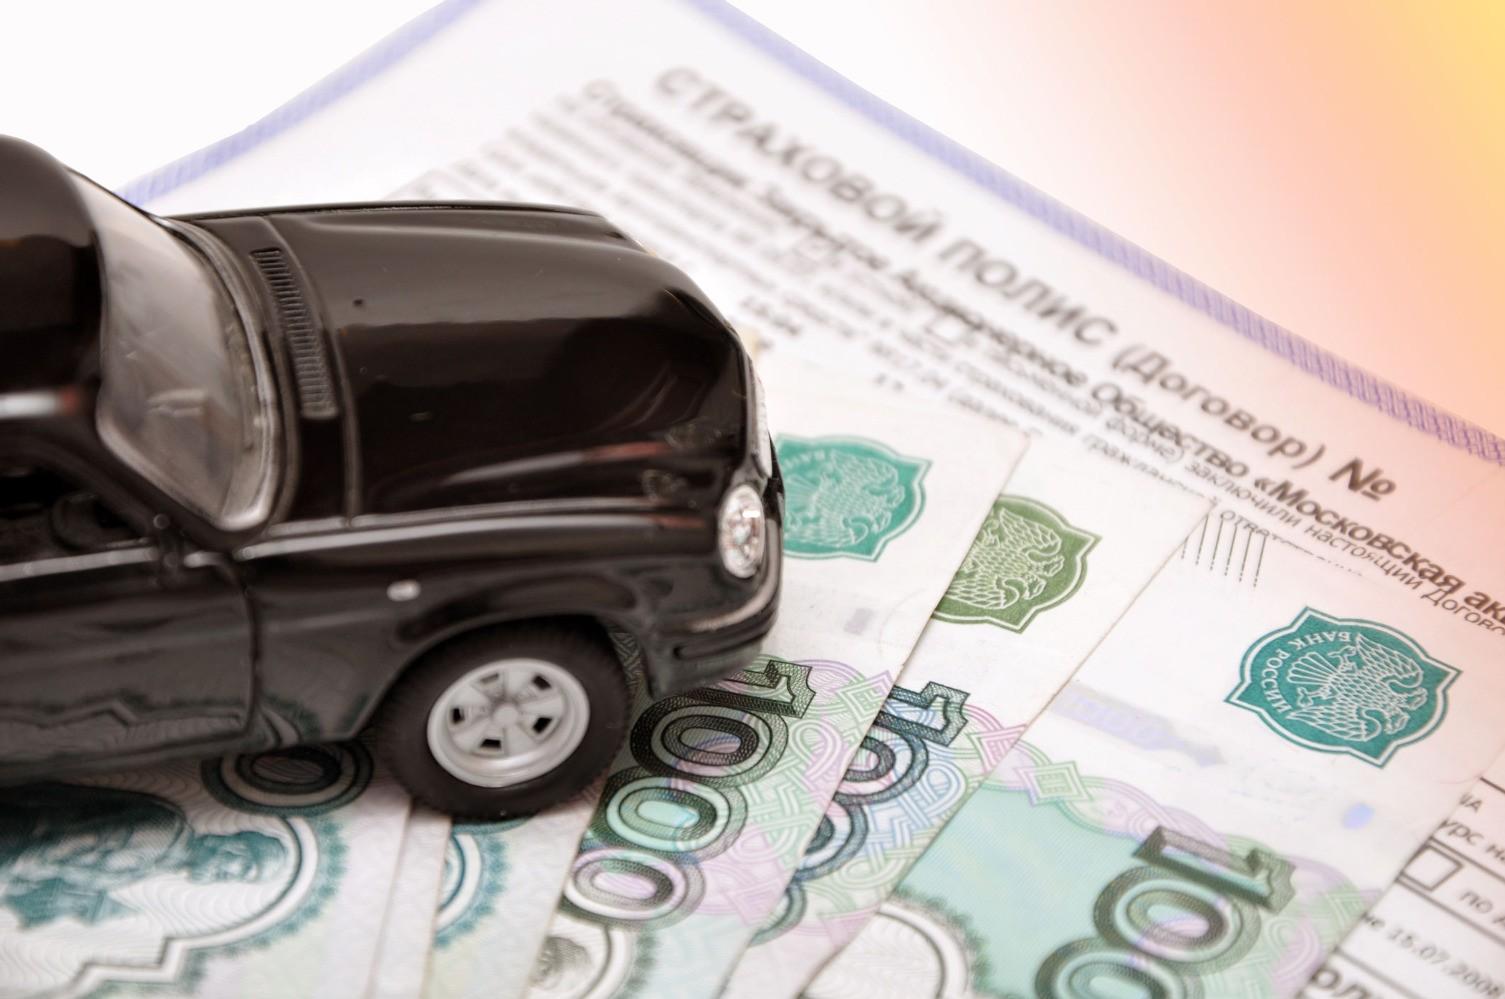 Страховой случай КАСКО без ДТП. Правила выплаты по КАСКО